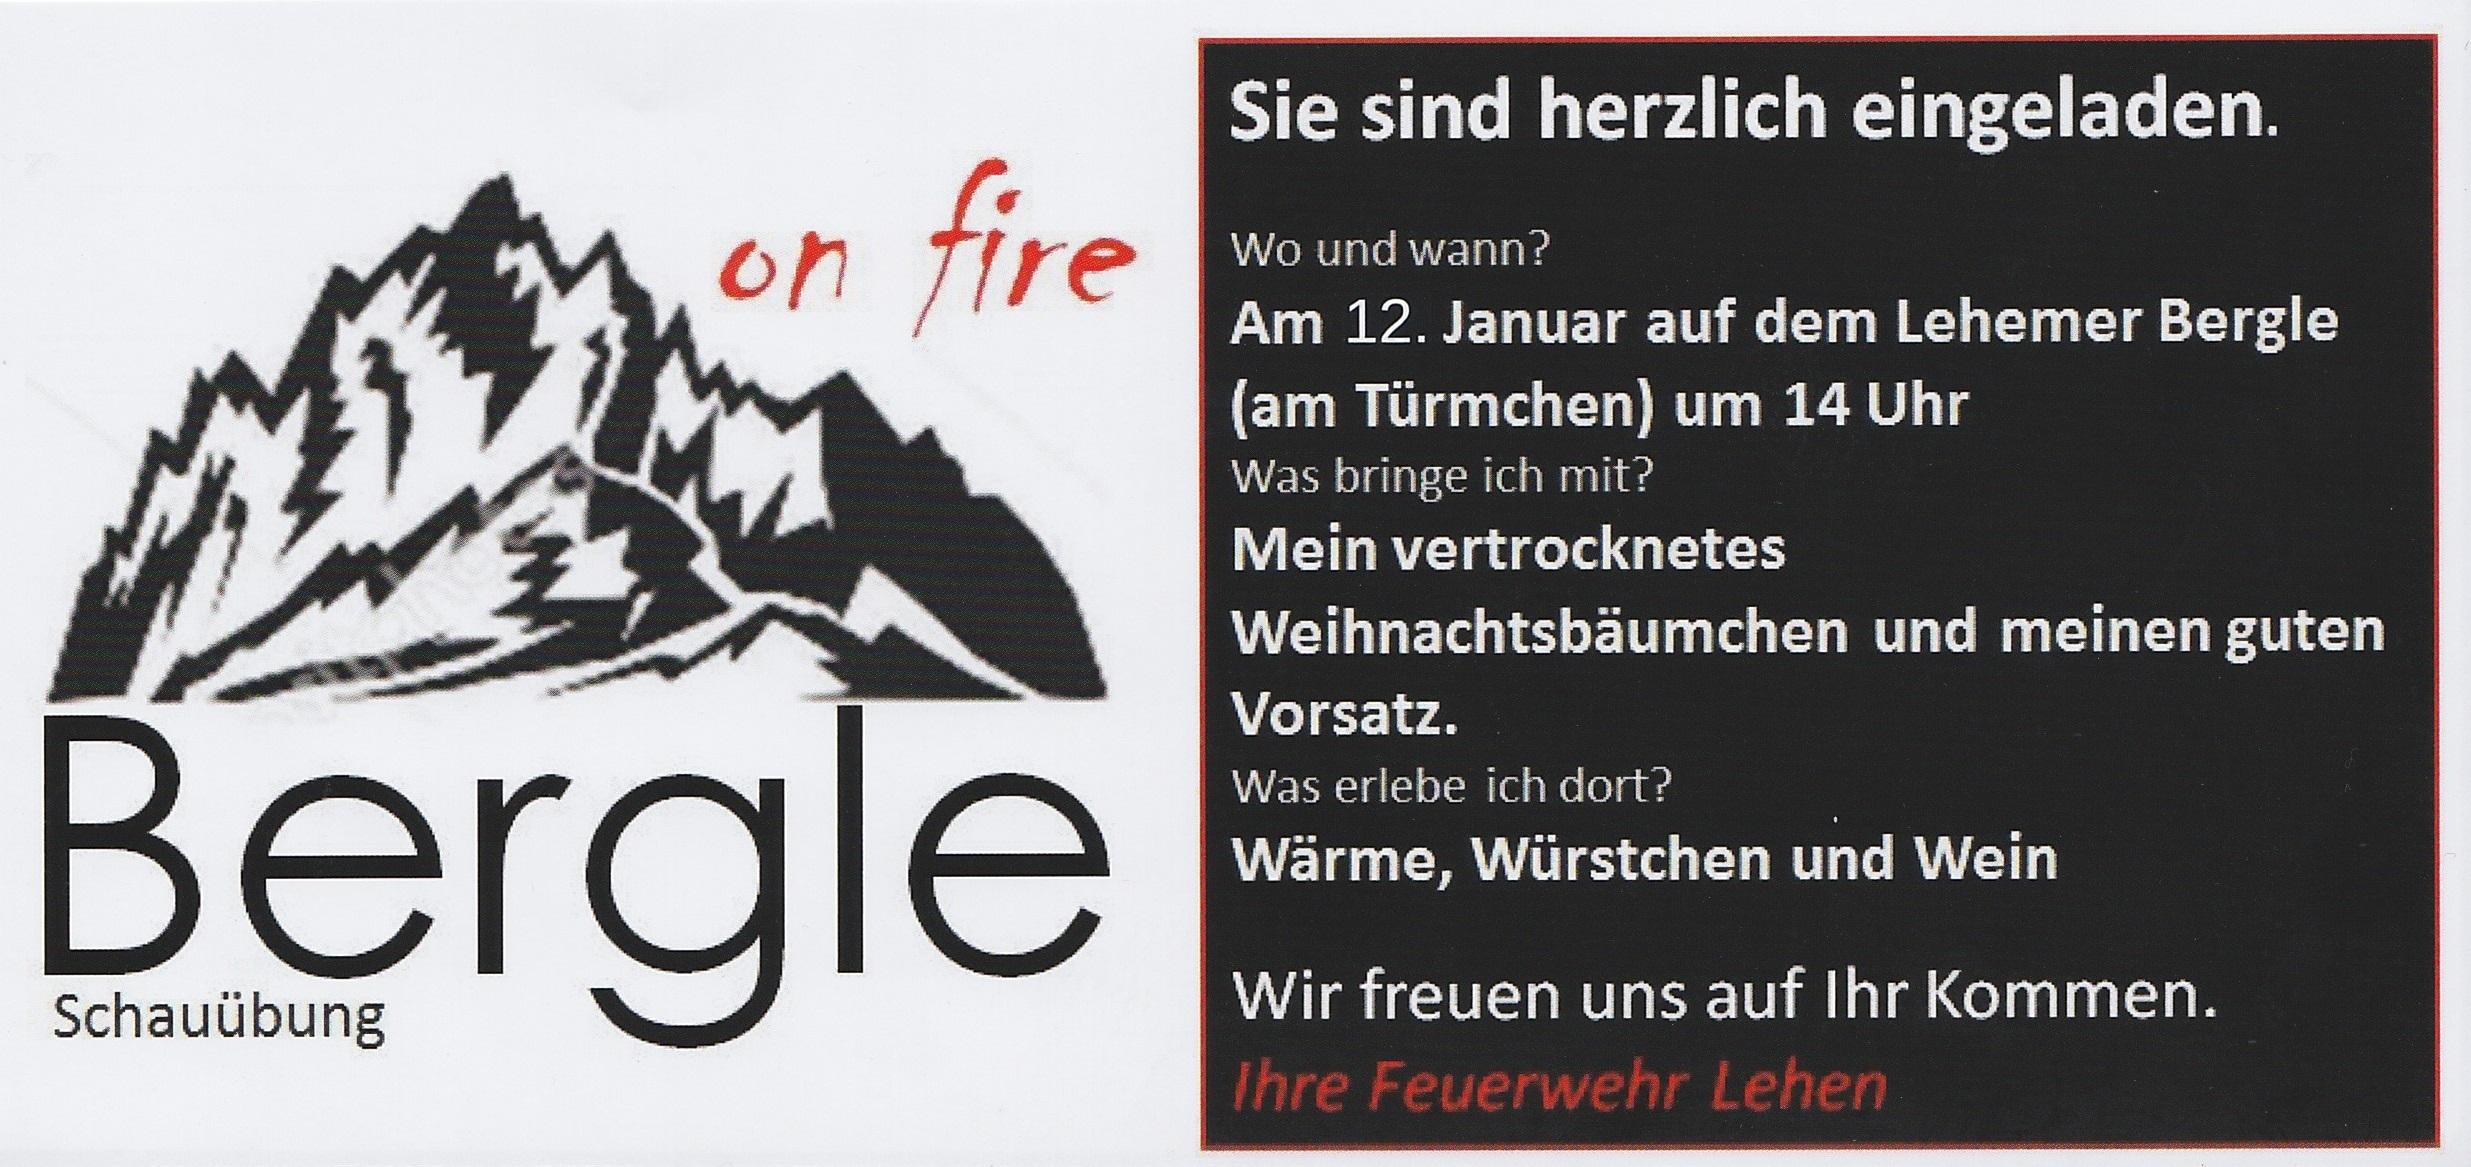 bergle 2019